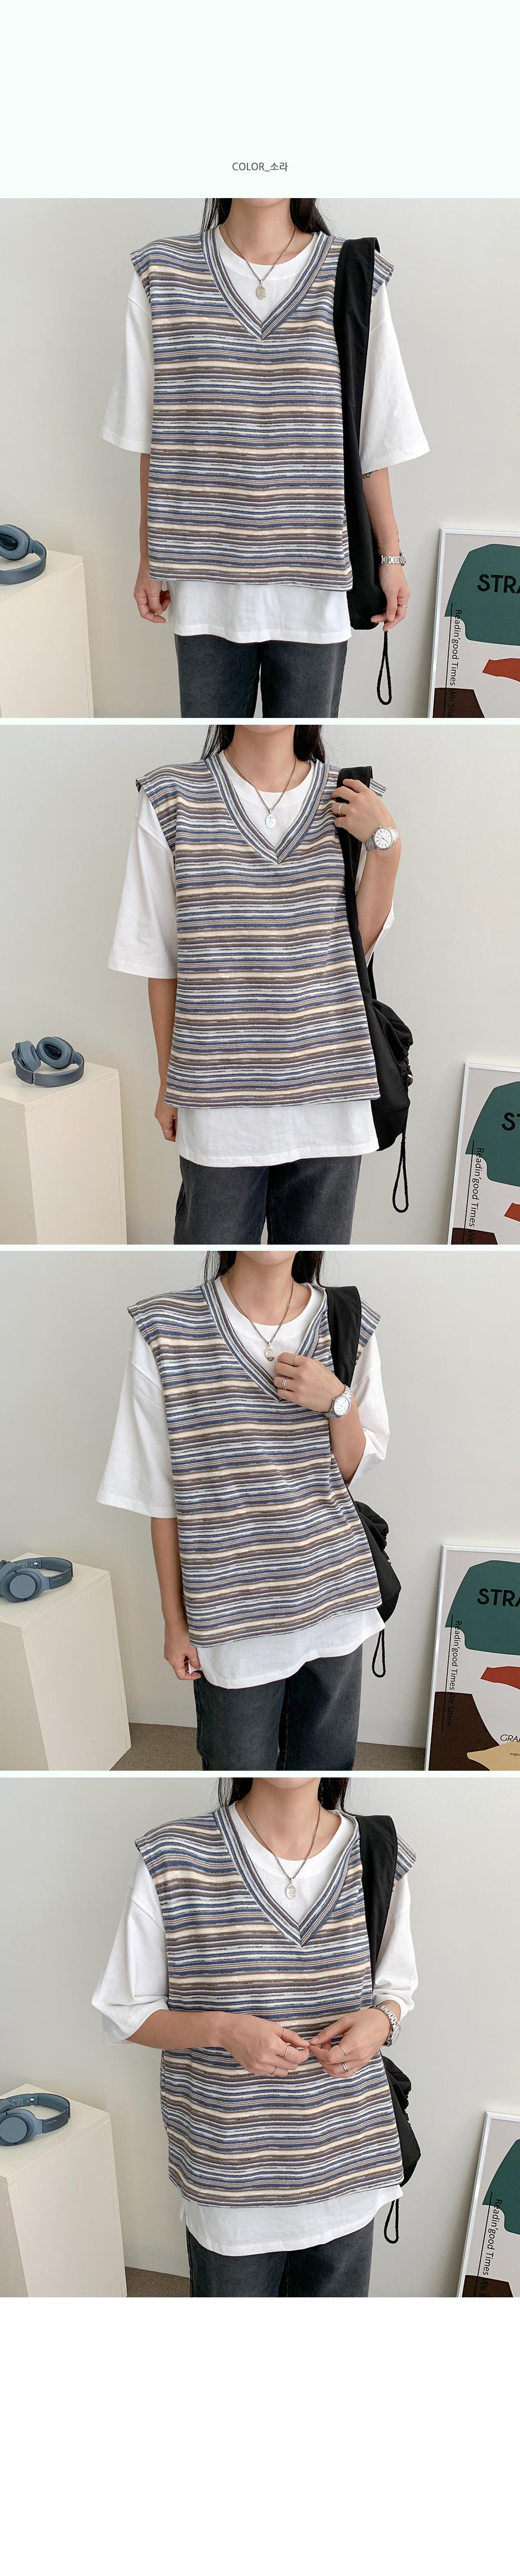 Barba Multi Striped Knitwear Vest